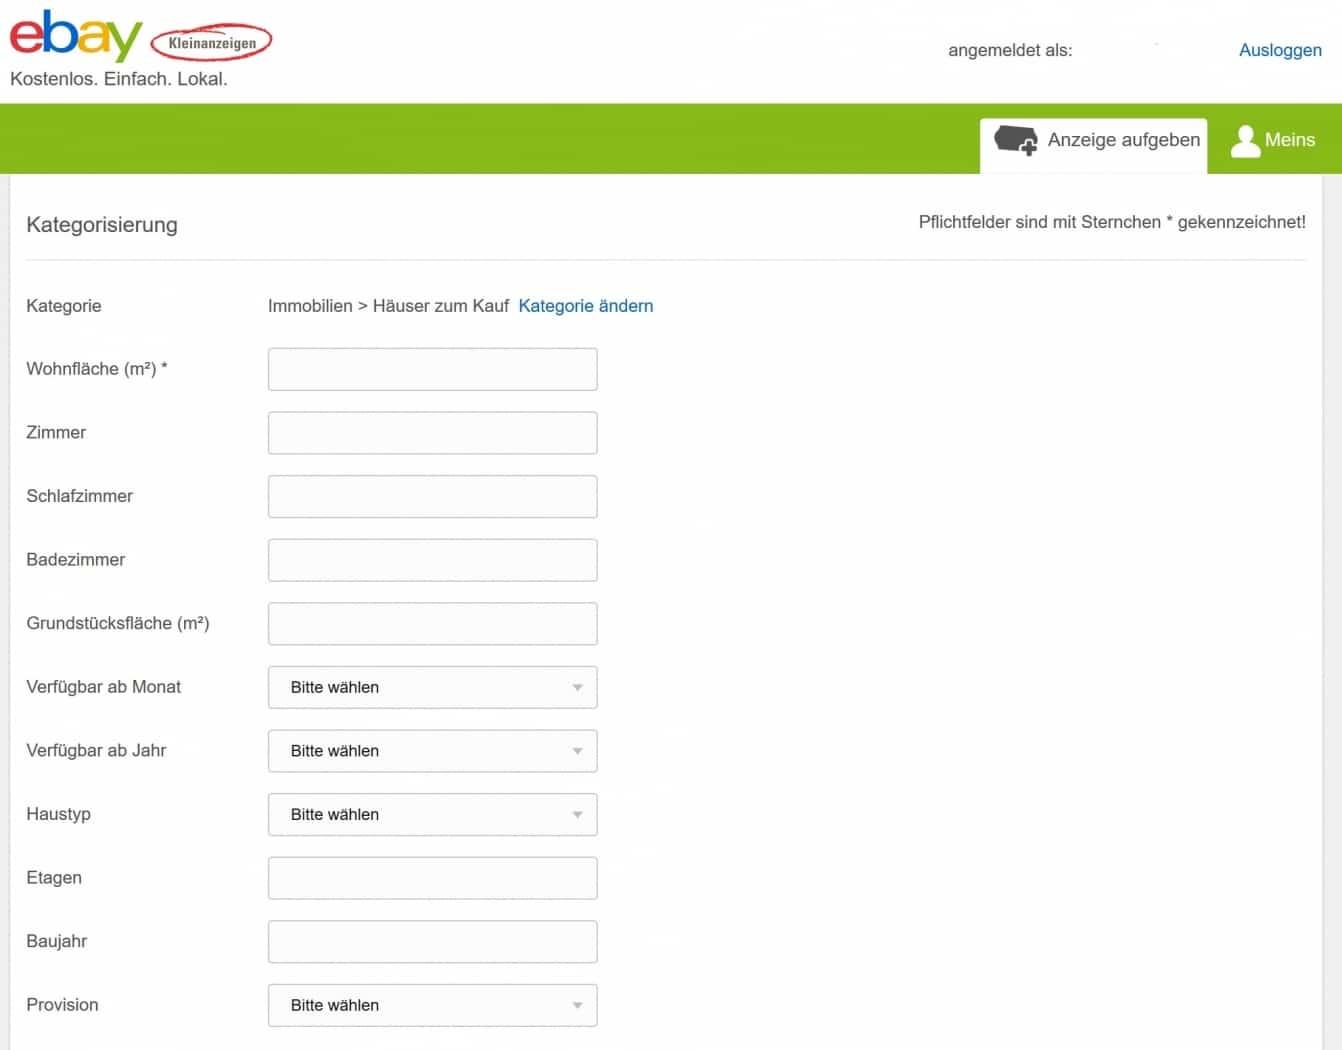 ebay-Kleinanzeigen 3 Vergleich